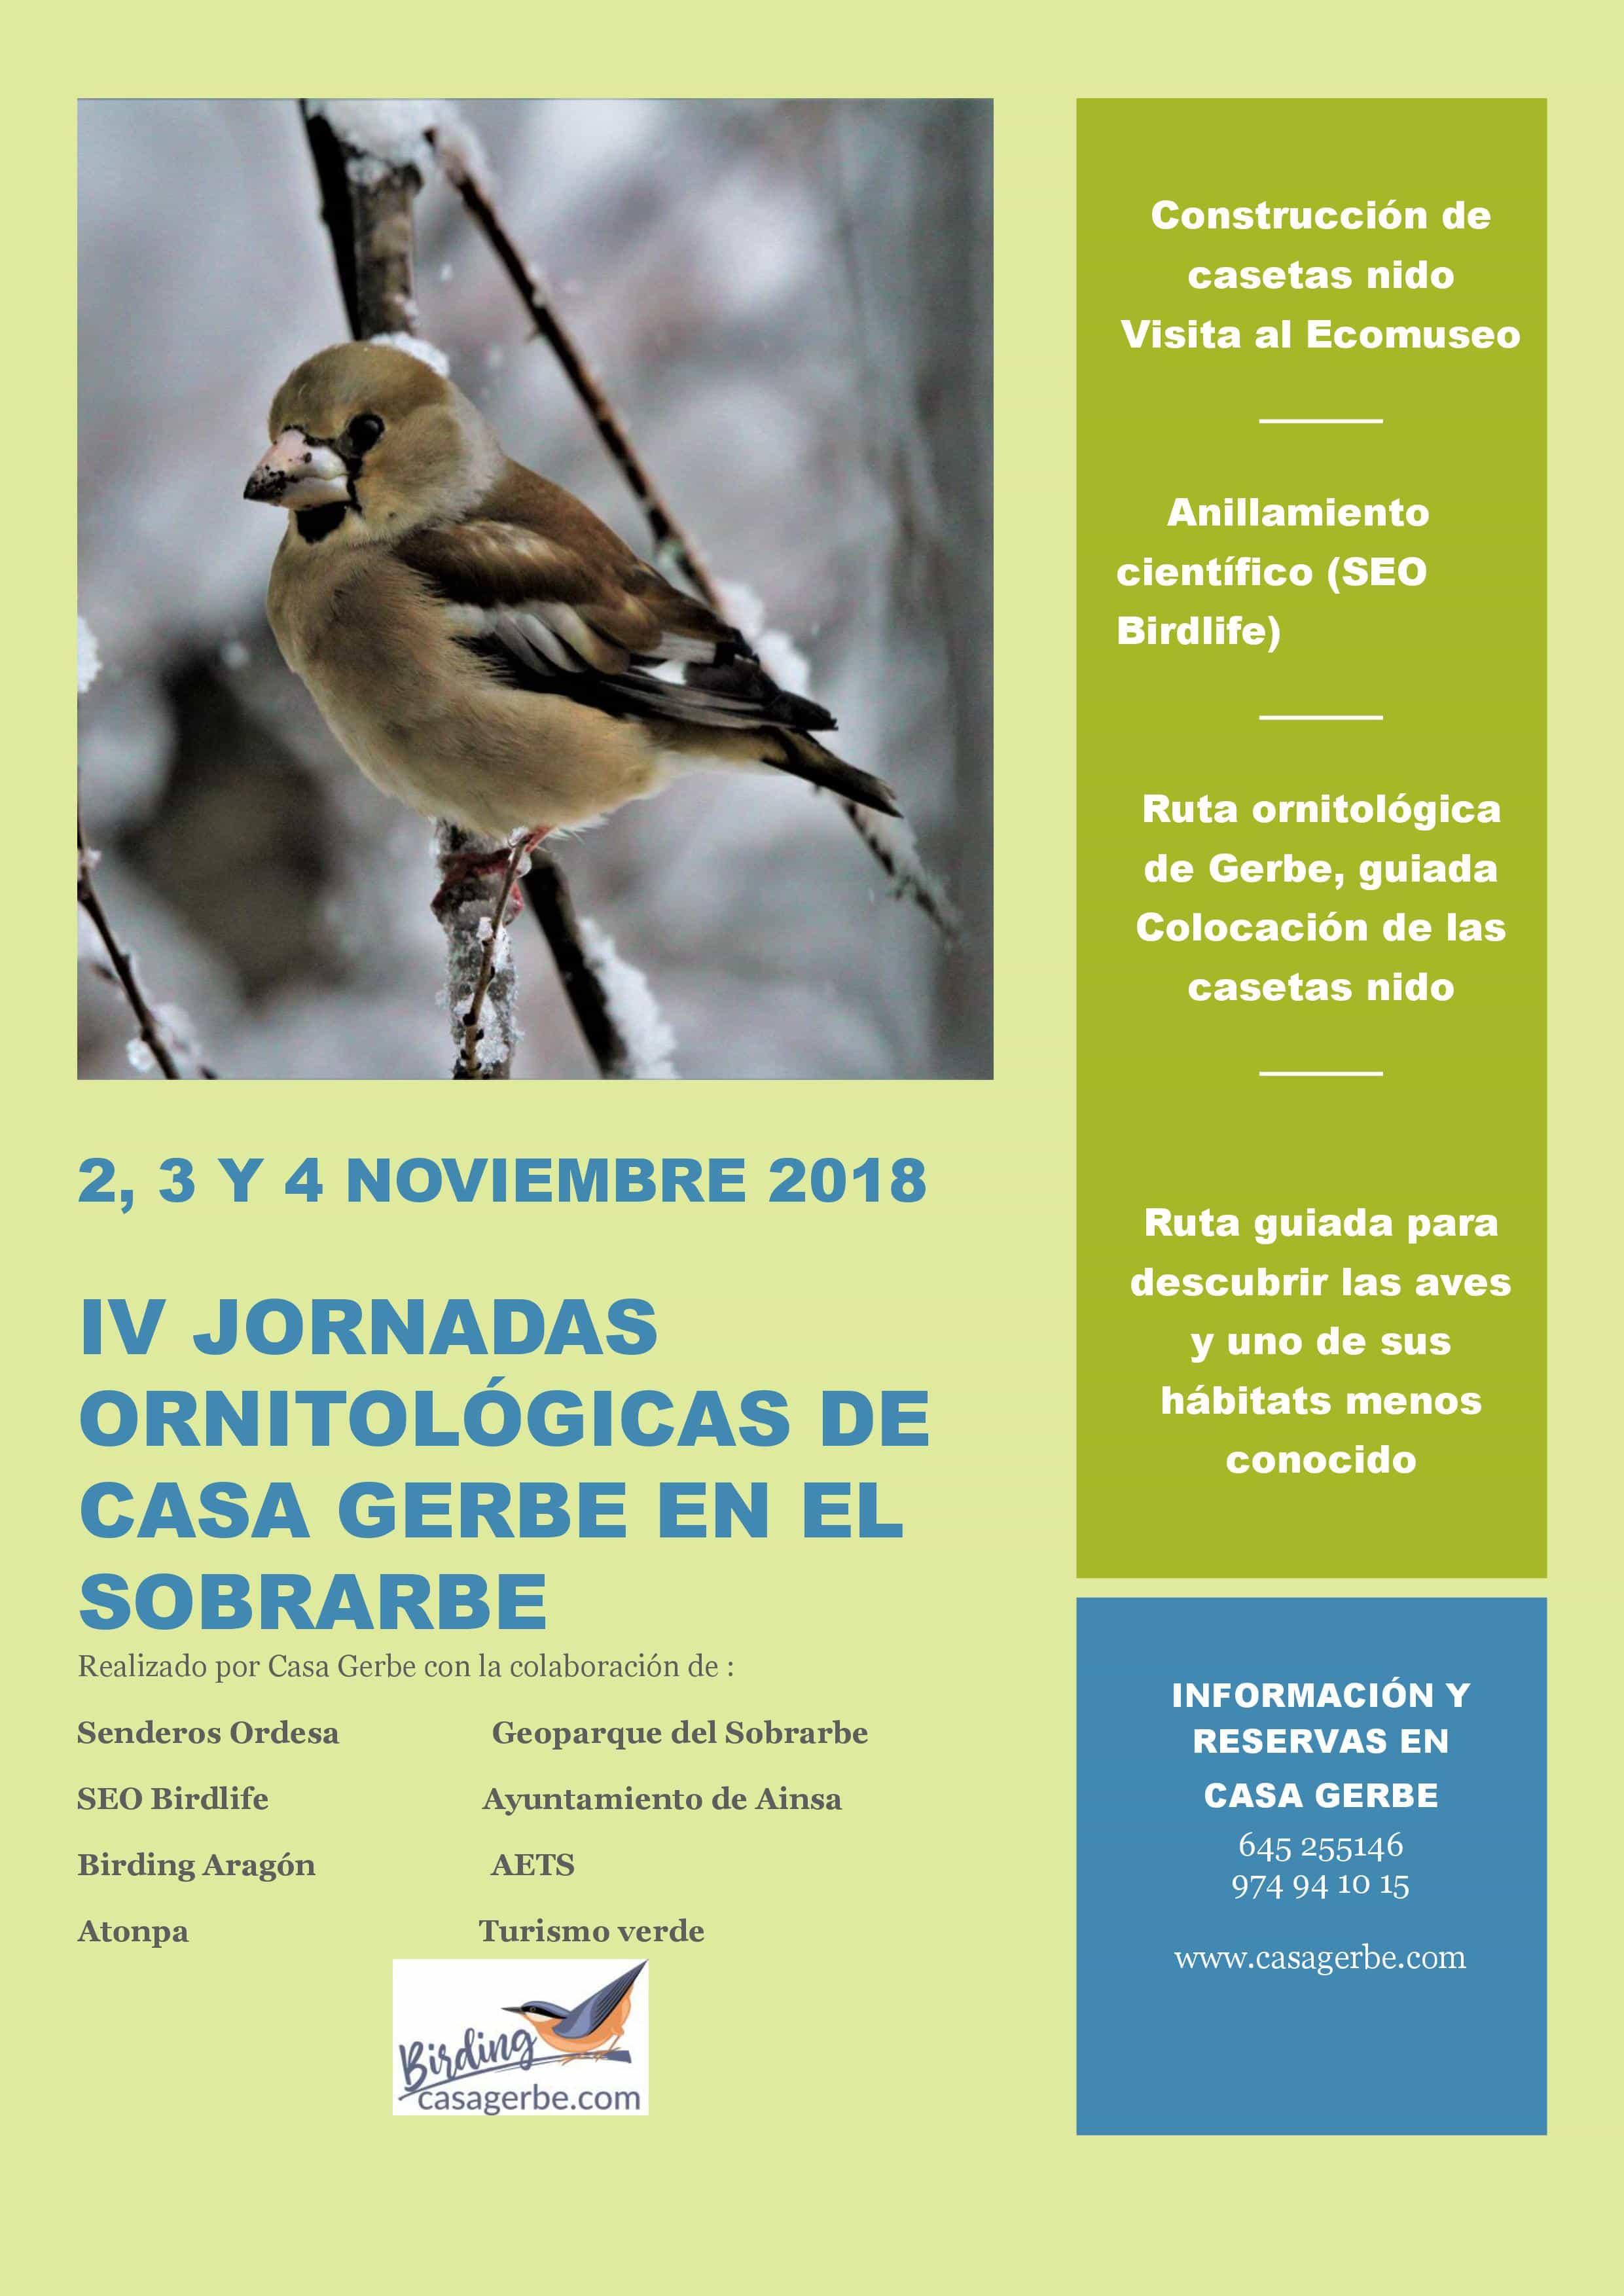 IV Jornadas ornitológicas de Casa Gerbe en el Sobrarbe